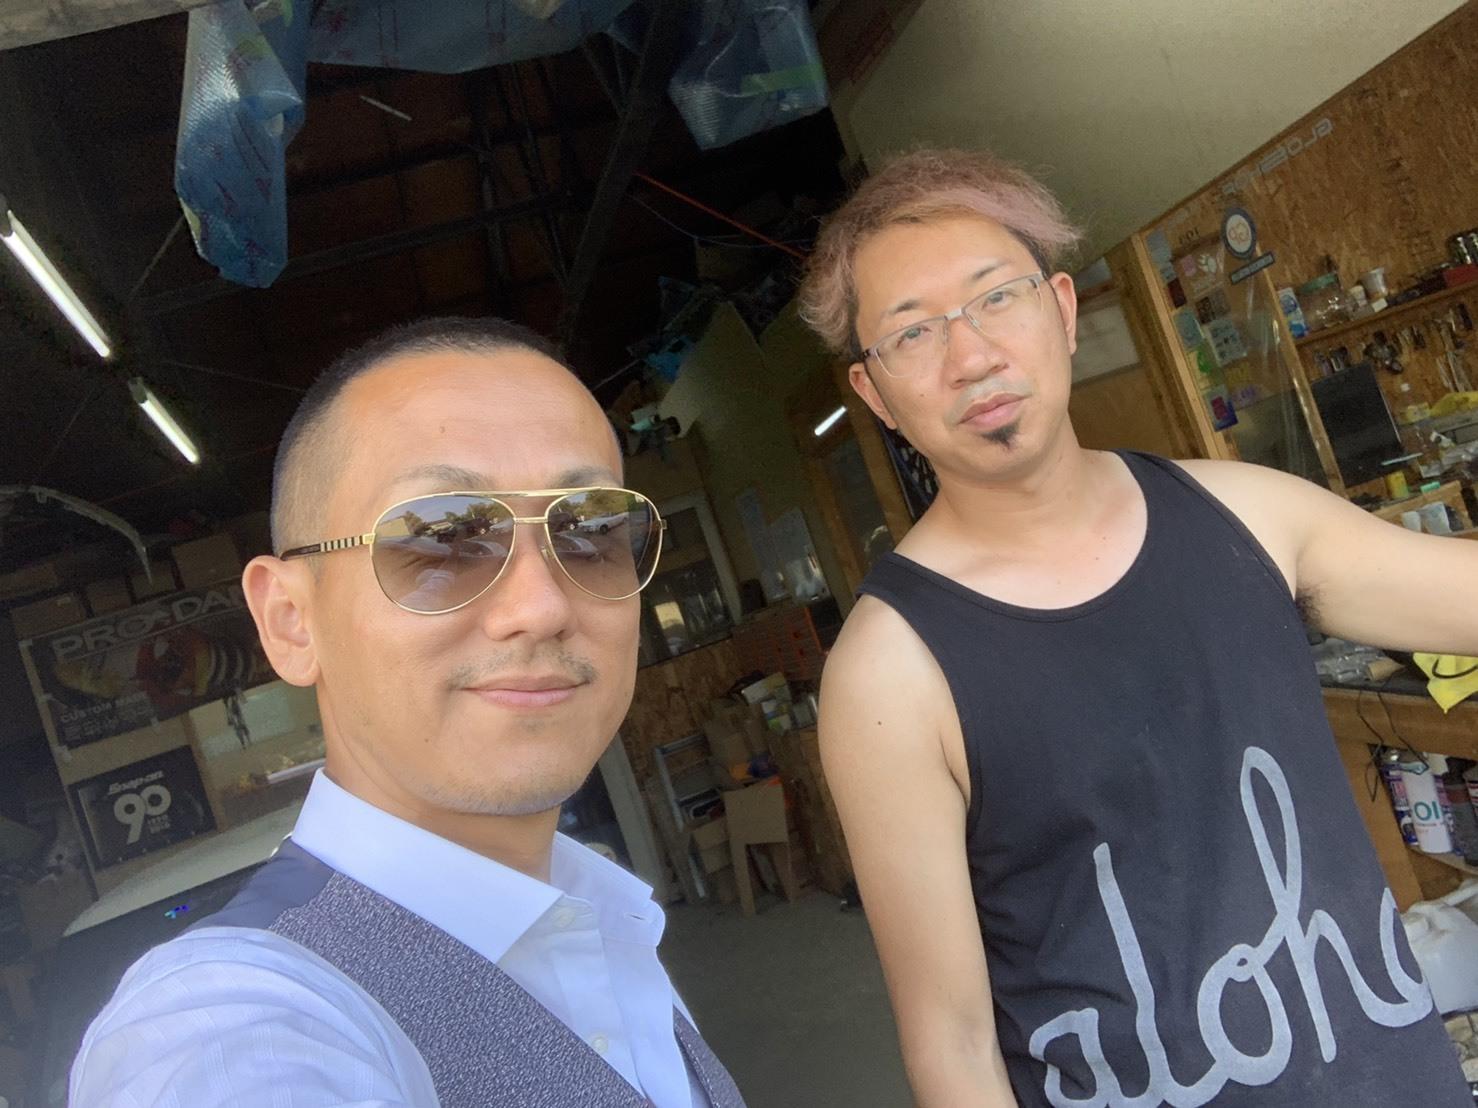 8月6日(火)本店ブログ♪ タントカスタムX ありますよおおお ランクル ハマー アルファード♪ _b0127002_20185938.jpg